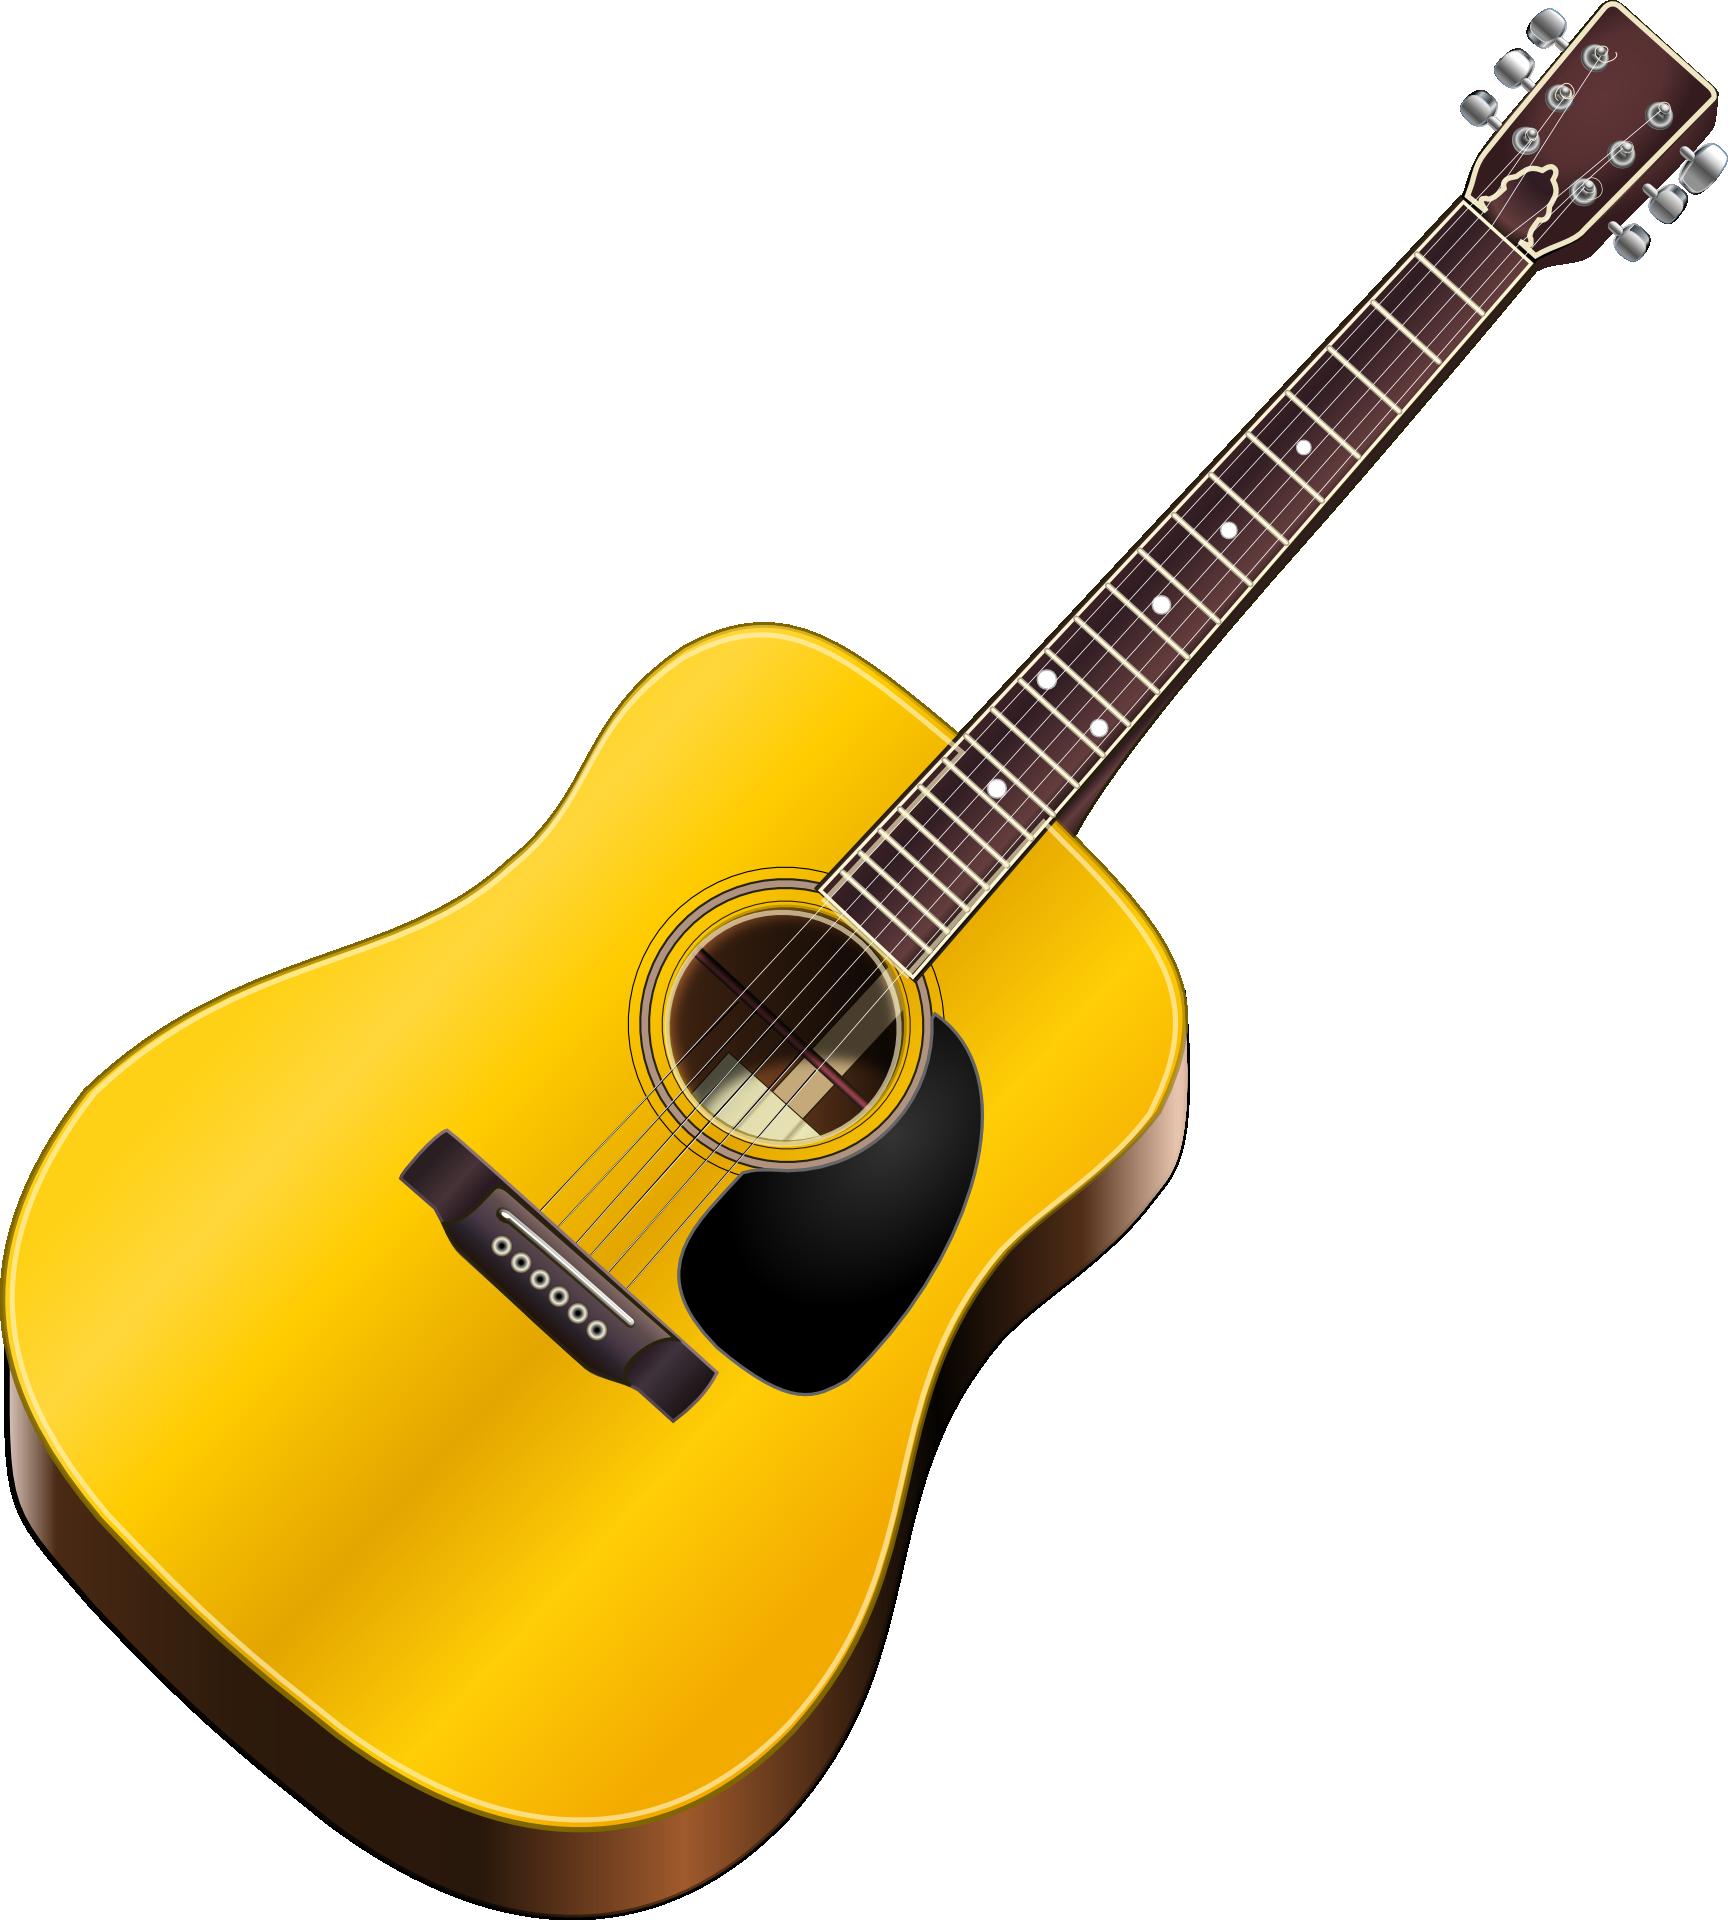 Guitar PNG - 8254